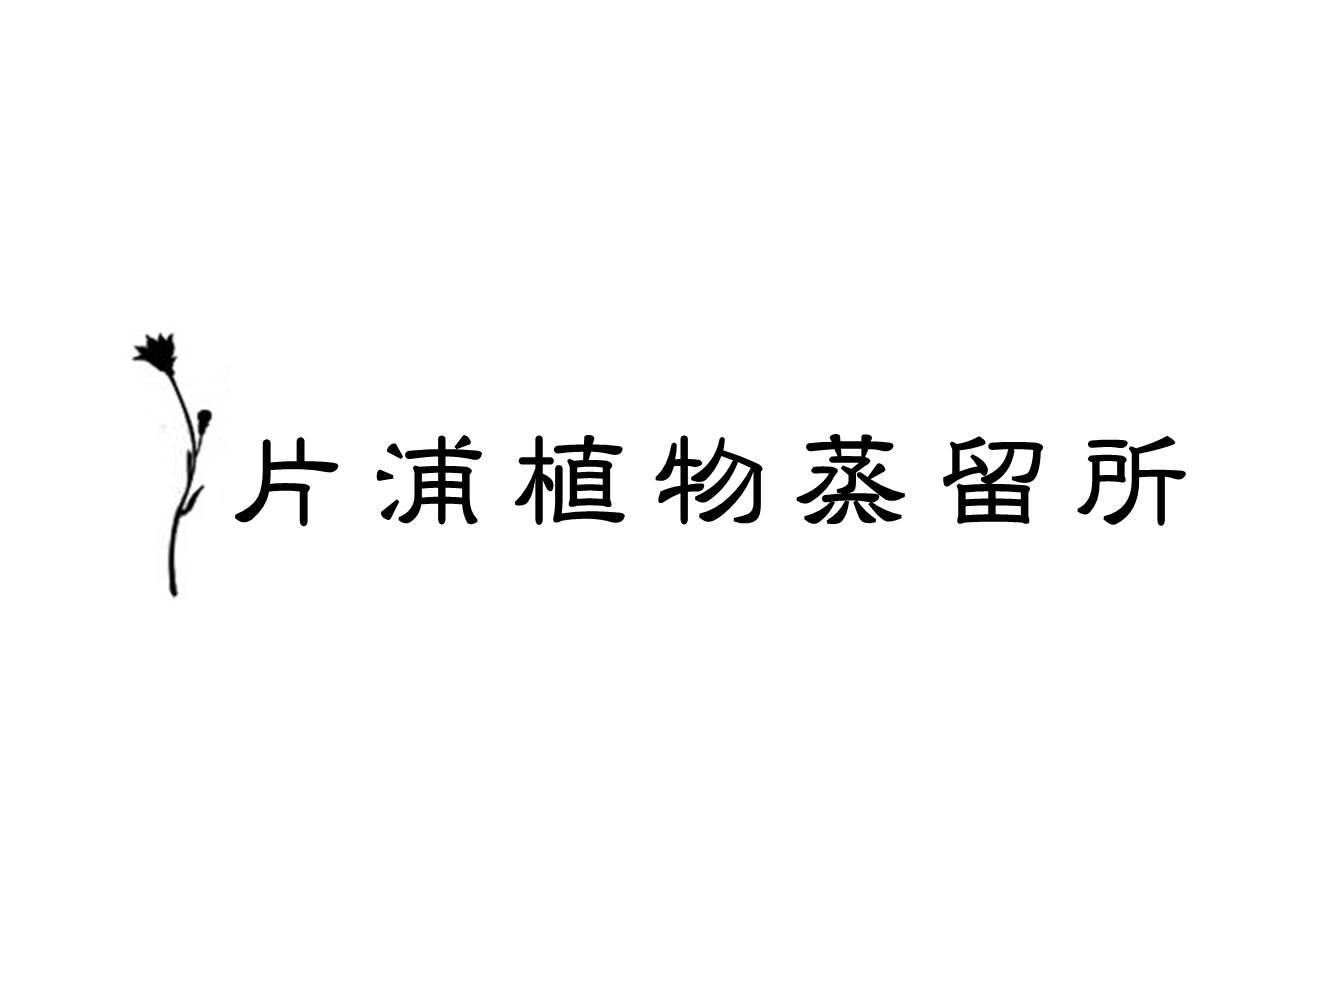 【片浦植物蒸留所       by庭labo】